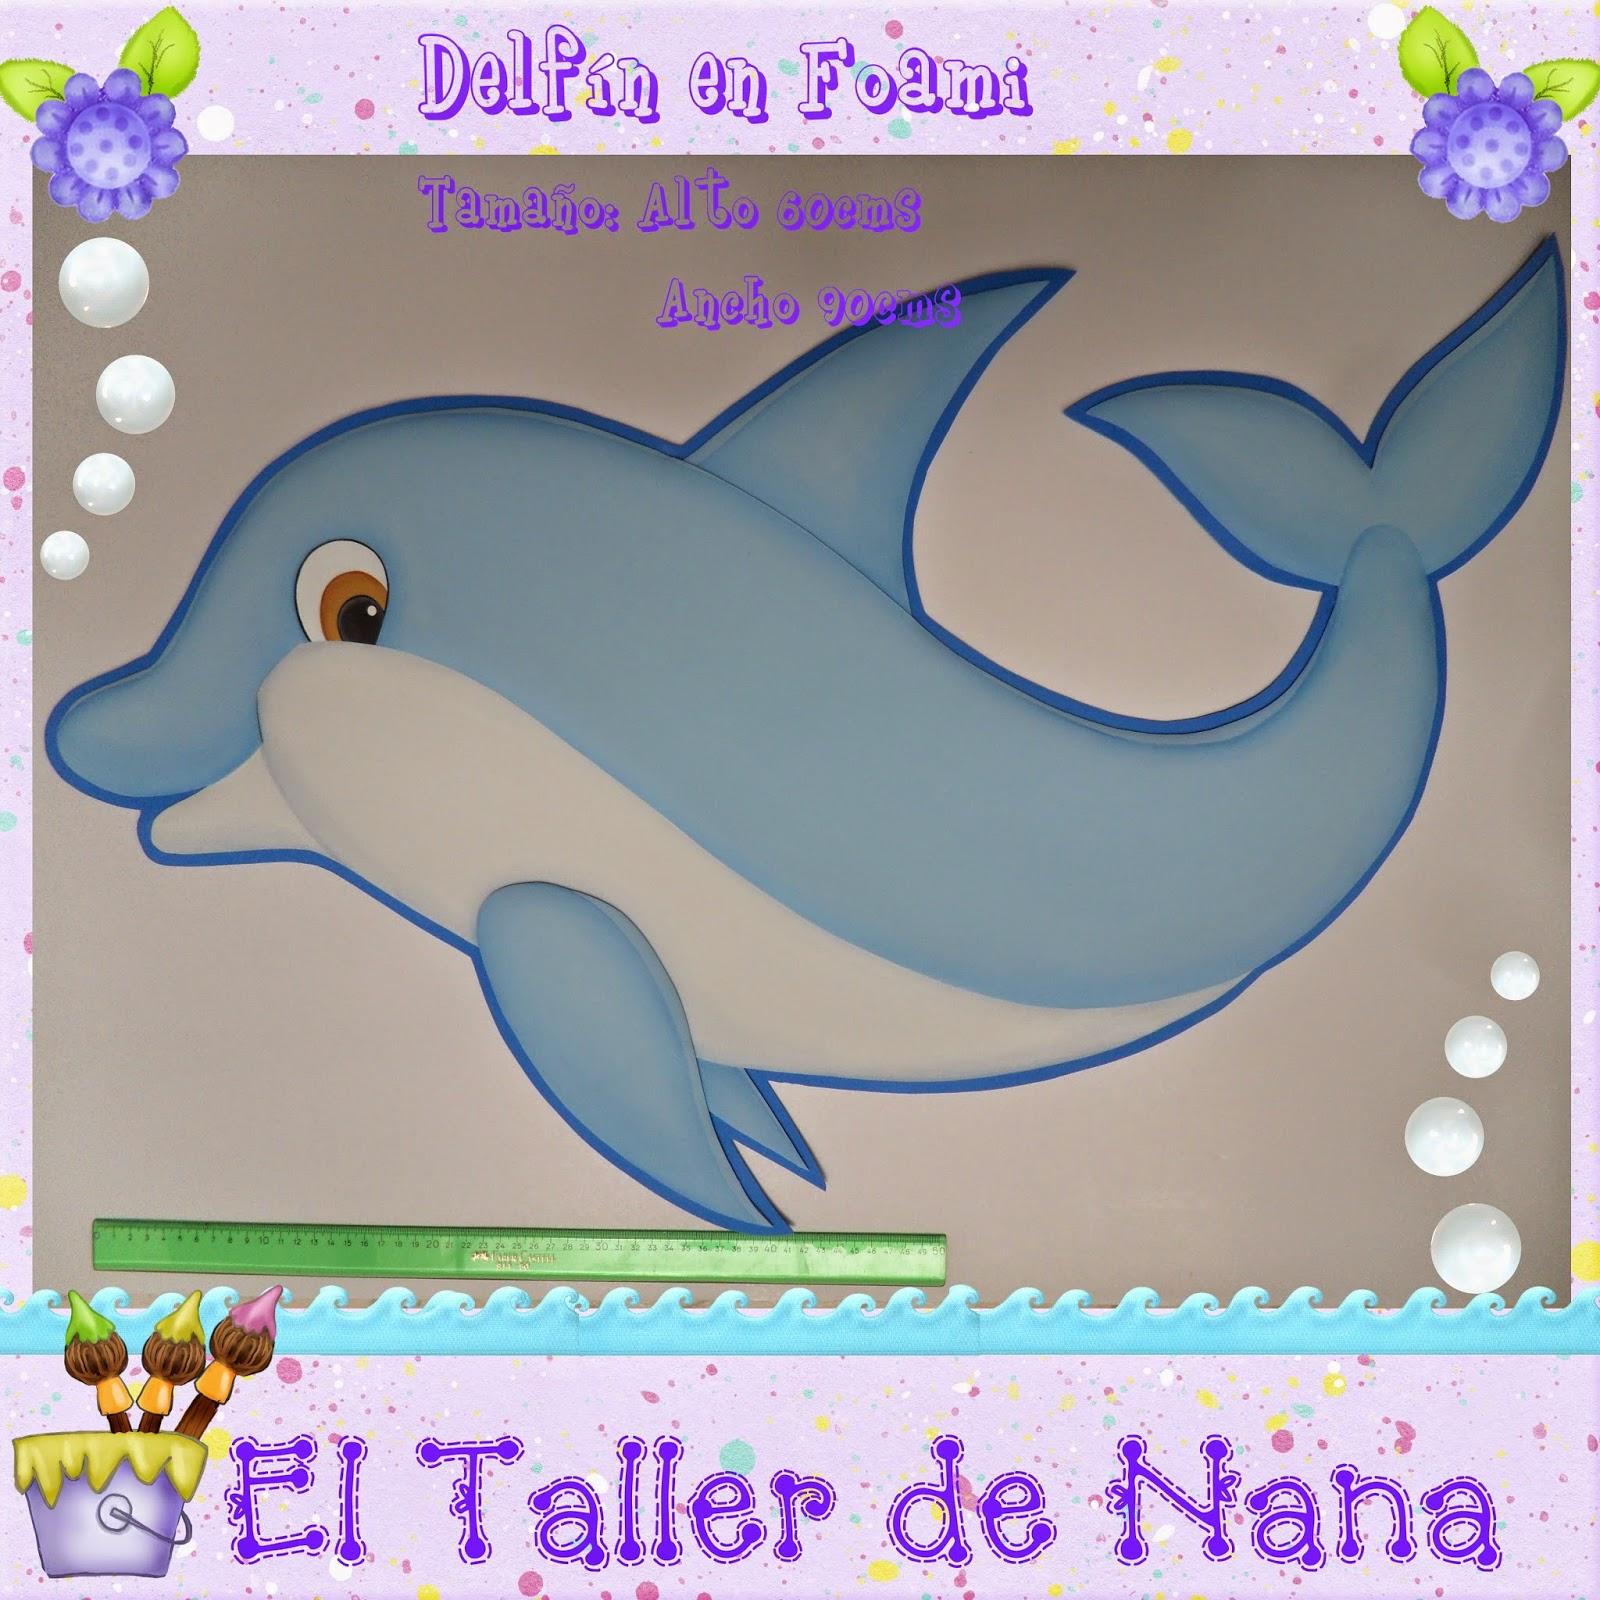 El Taller de Nana: Aplique Delfín en foami